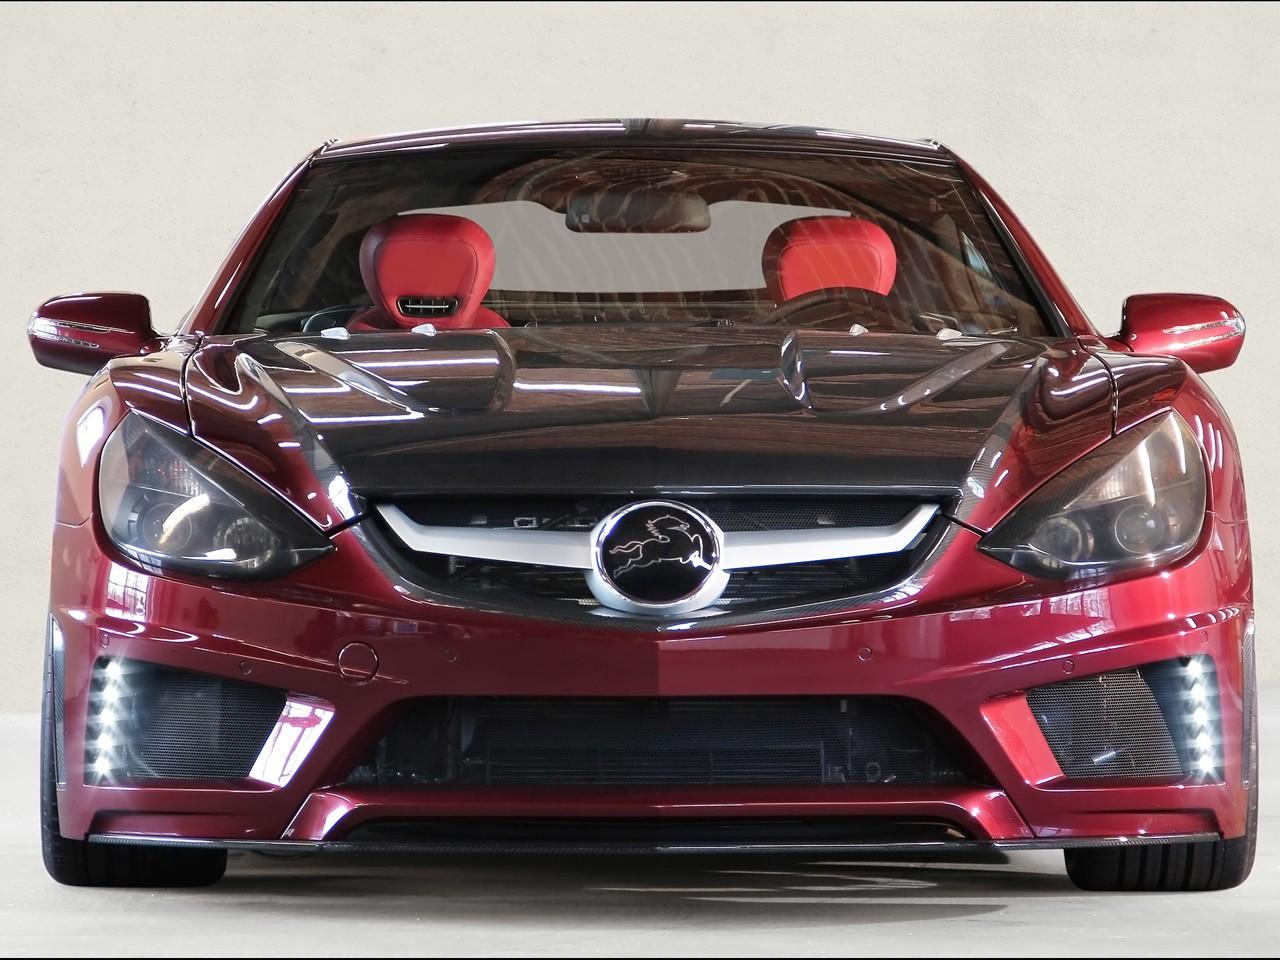 2011 Carlsson Super GT C25 Royale Dashboard